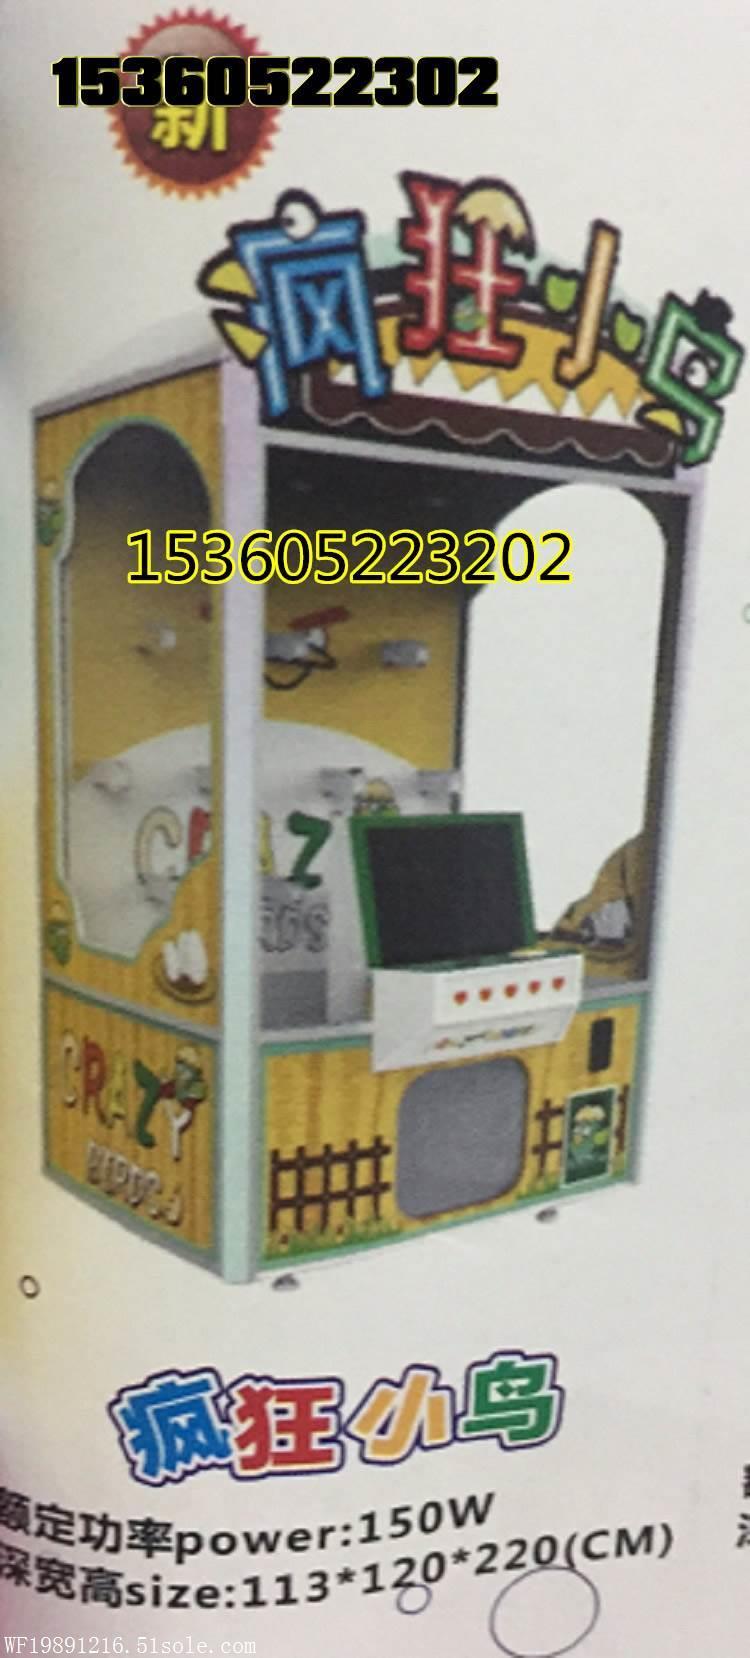 疯狂小鸟游戏机